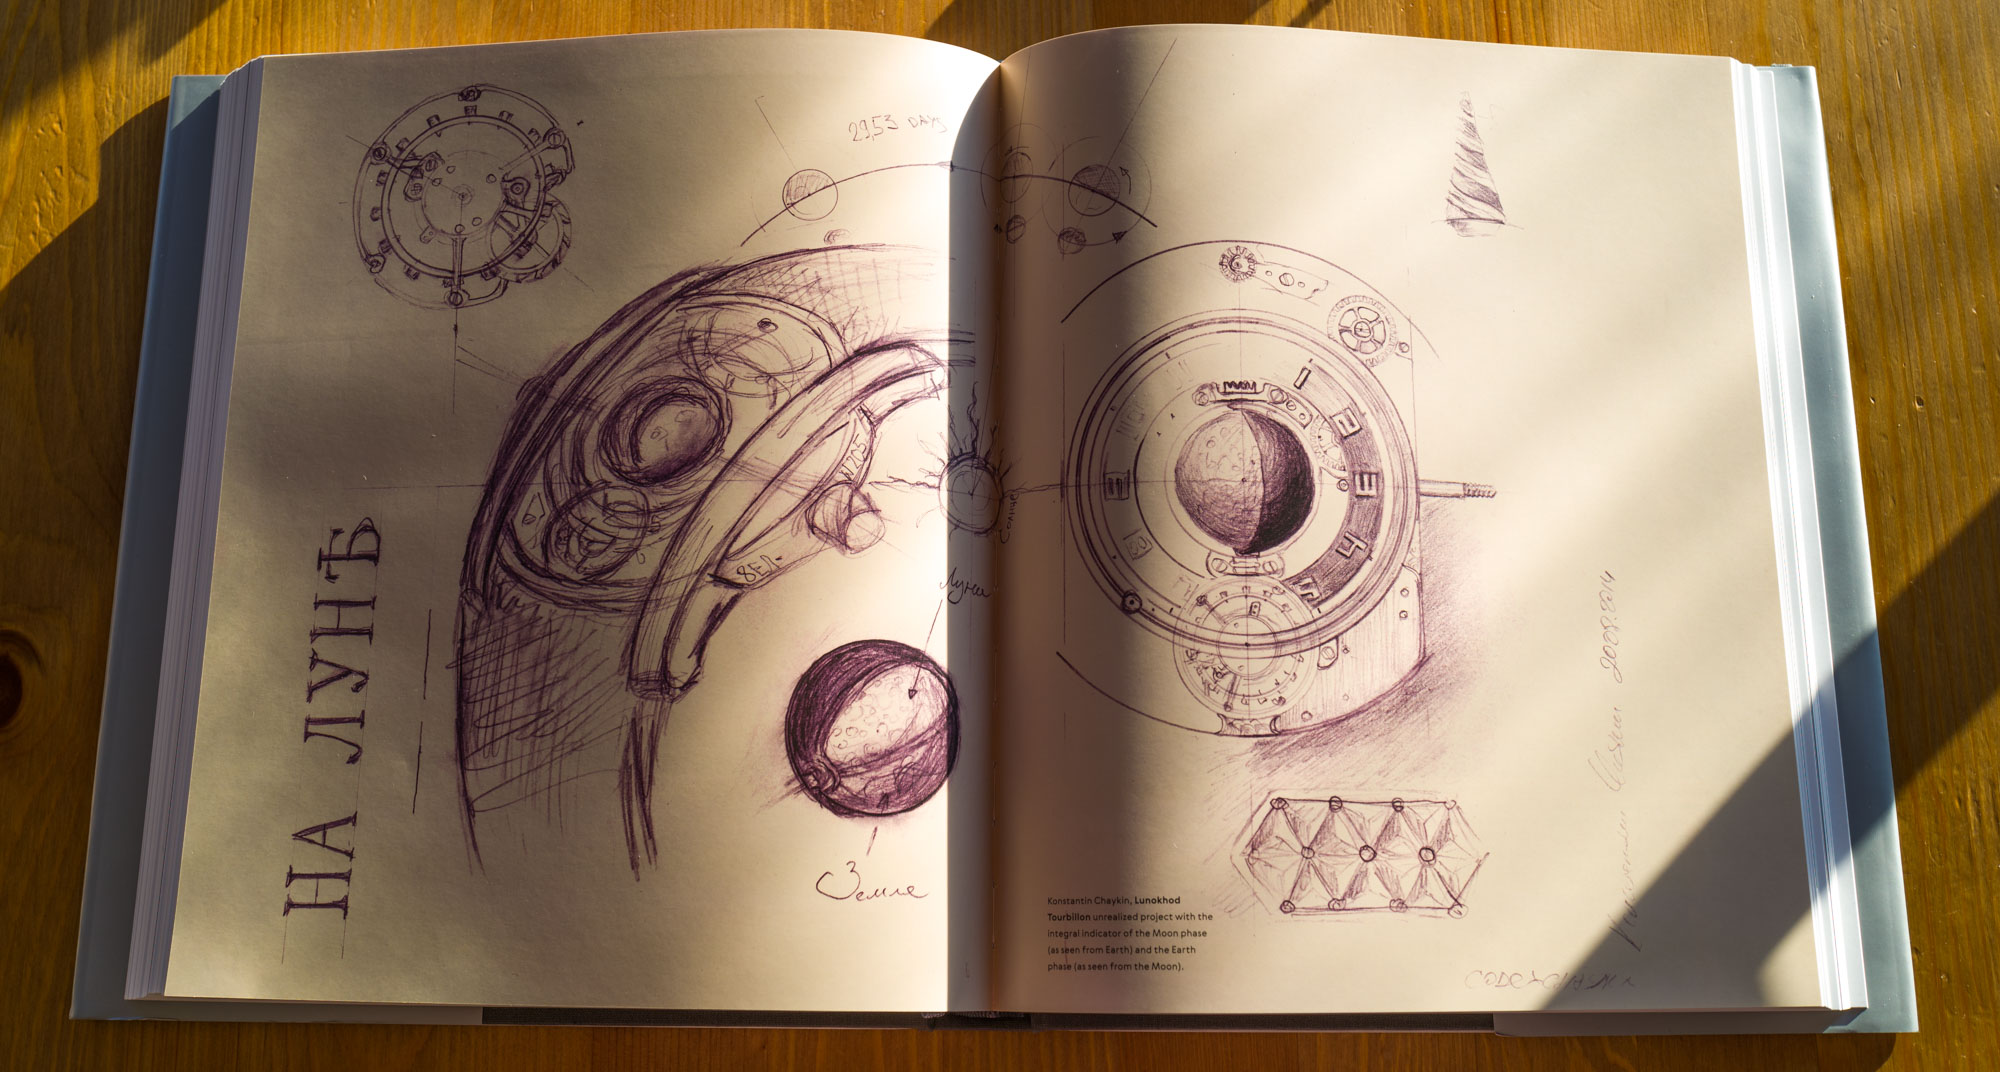 Книга для любителей часов - Константин Чайкин: Высокое часовое искусство с русской душой